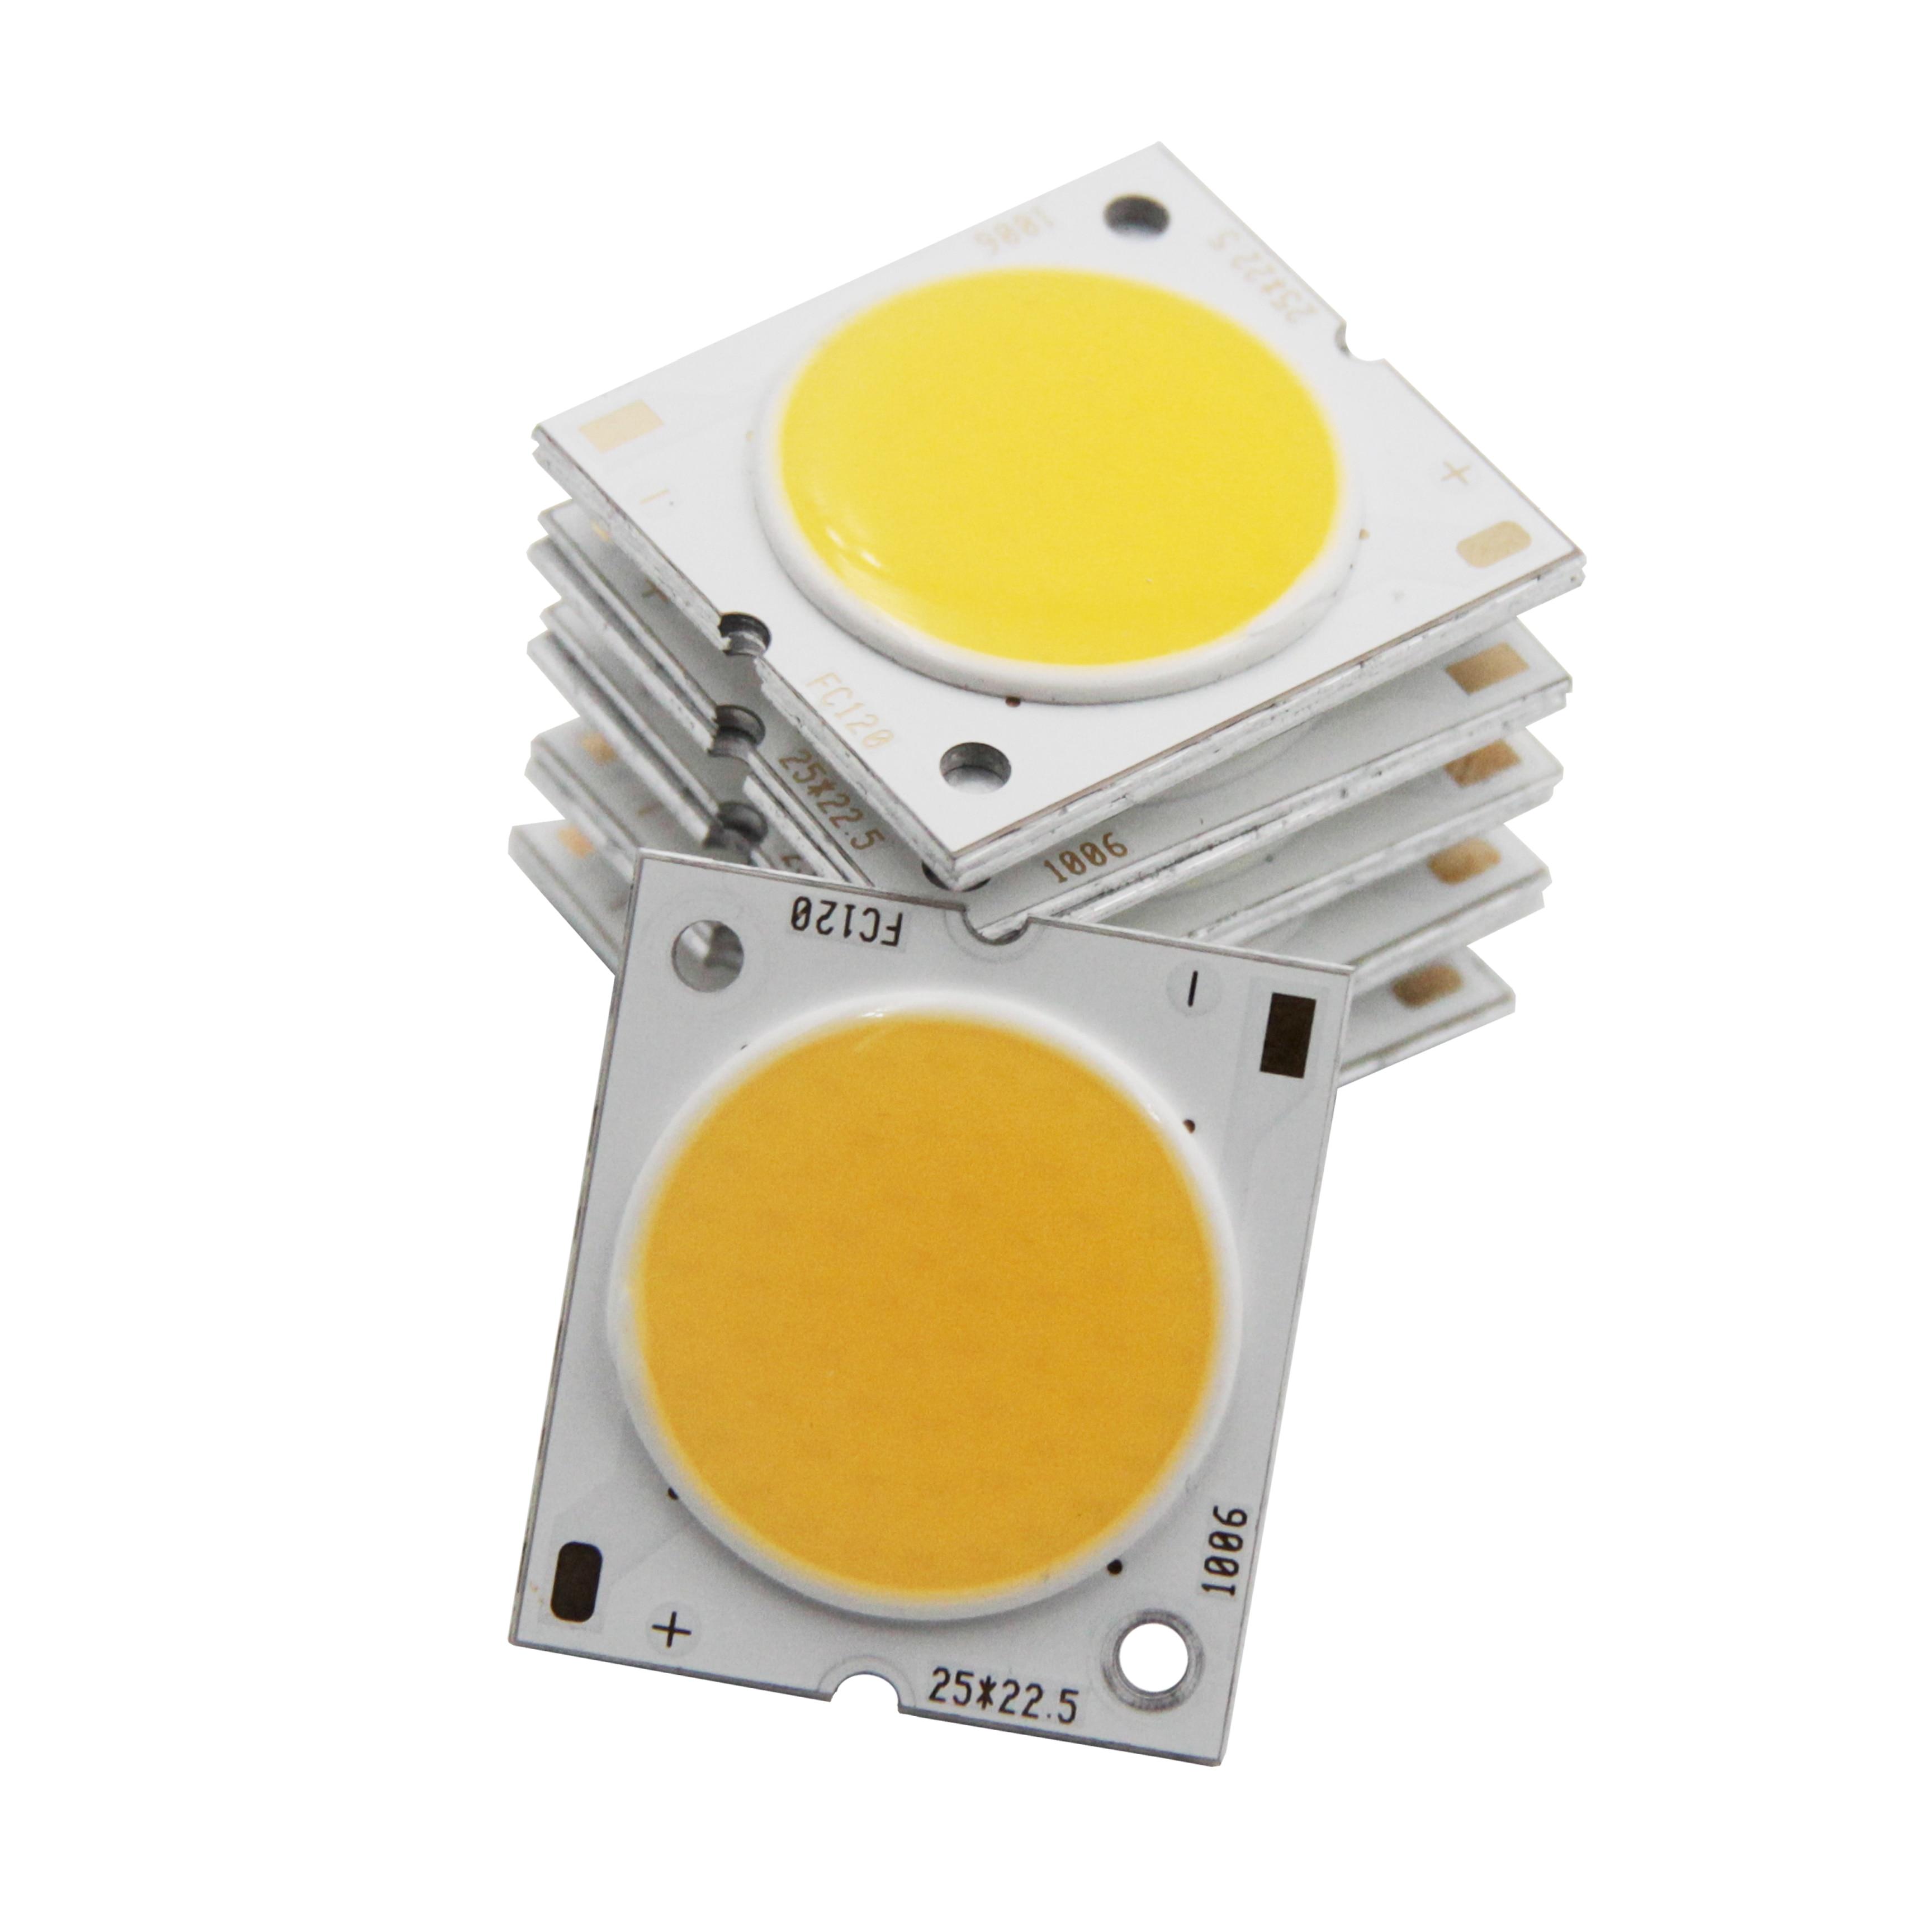 [Sumbulbs] 10 Uds. 25x23mm fuente de luz led cob chip de diodo led frío 30-33V 10W 15W 20W 30W para luz de pista de abajo bombilla de lámpara diy Luz LED de techo Yeelight 480, APP inteligente, WiFi y Bluetooth, luz de techo, control remoto para sala de estar y Google Home